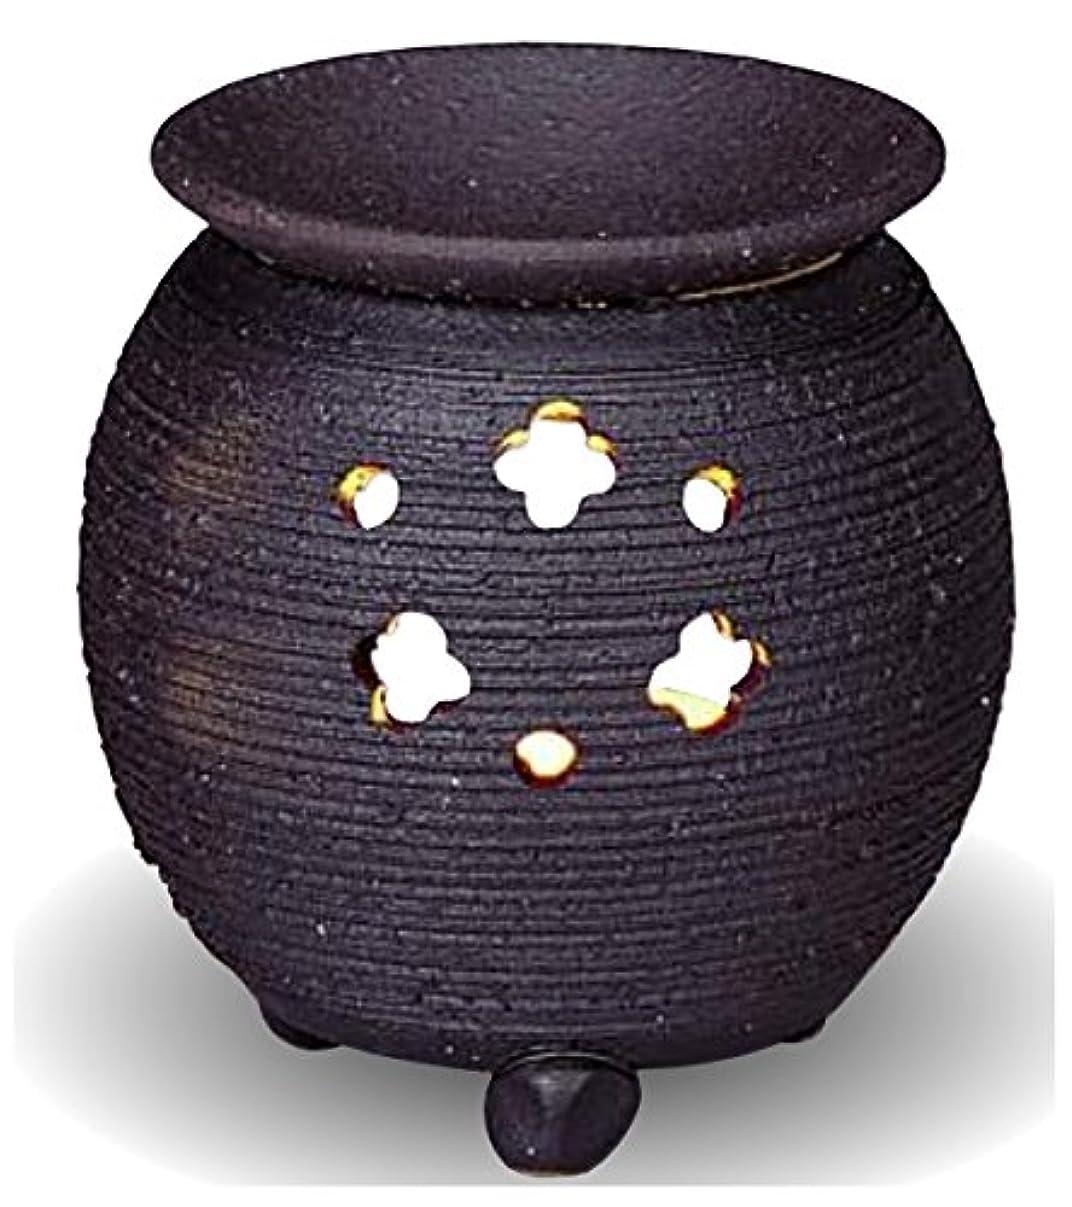 良性小道具キャンセル常滑焼 茶香炉(アロマポット)径10×高さ10.5cm